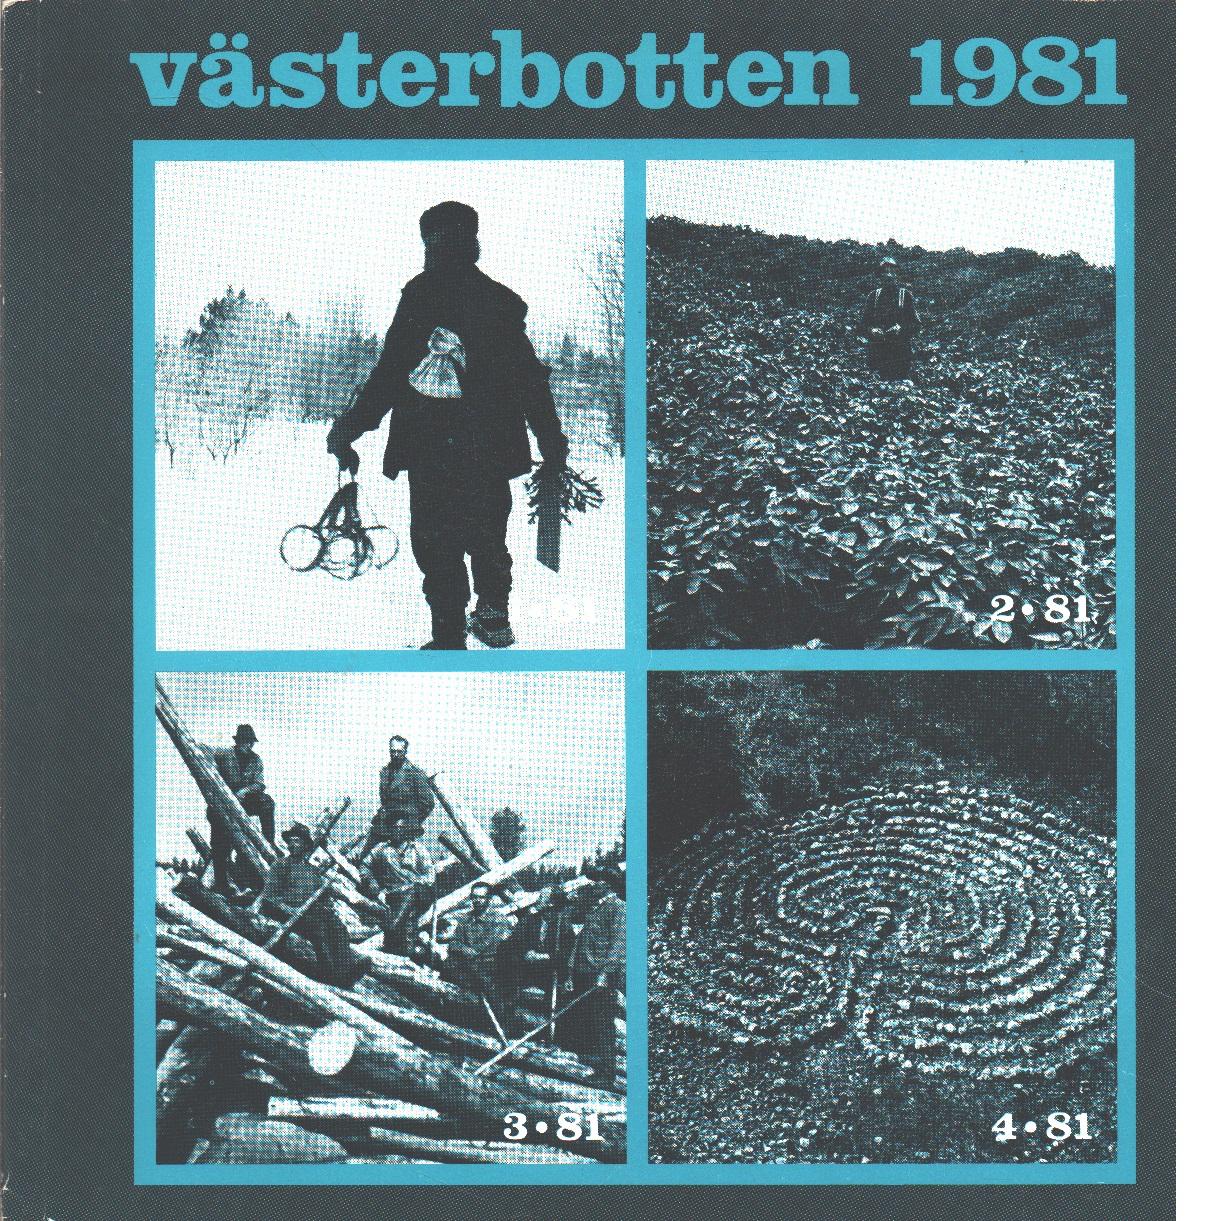 Västerbotten : Västerbottens läns hembygdsförenings årsbok 1981 - Red.